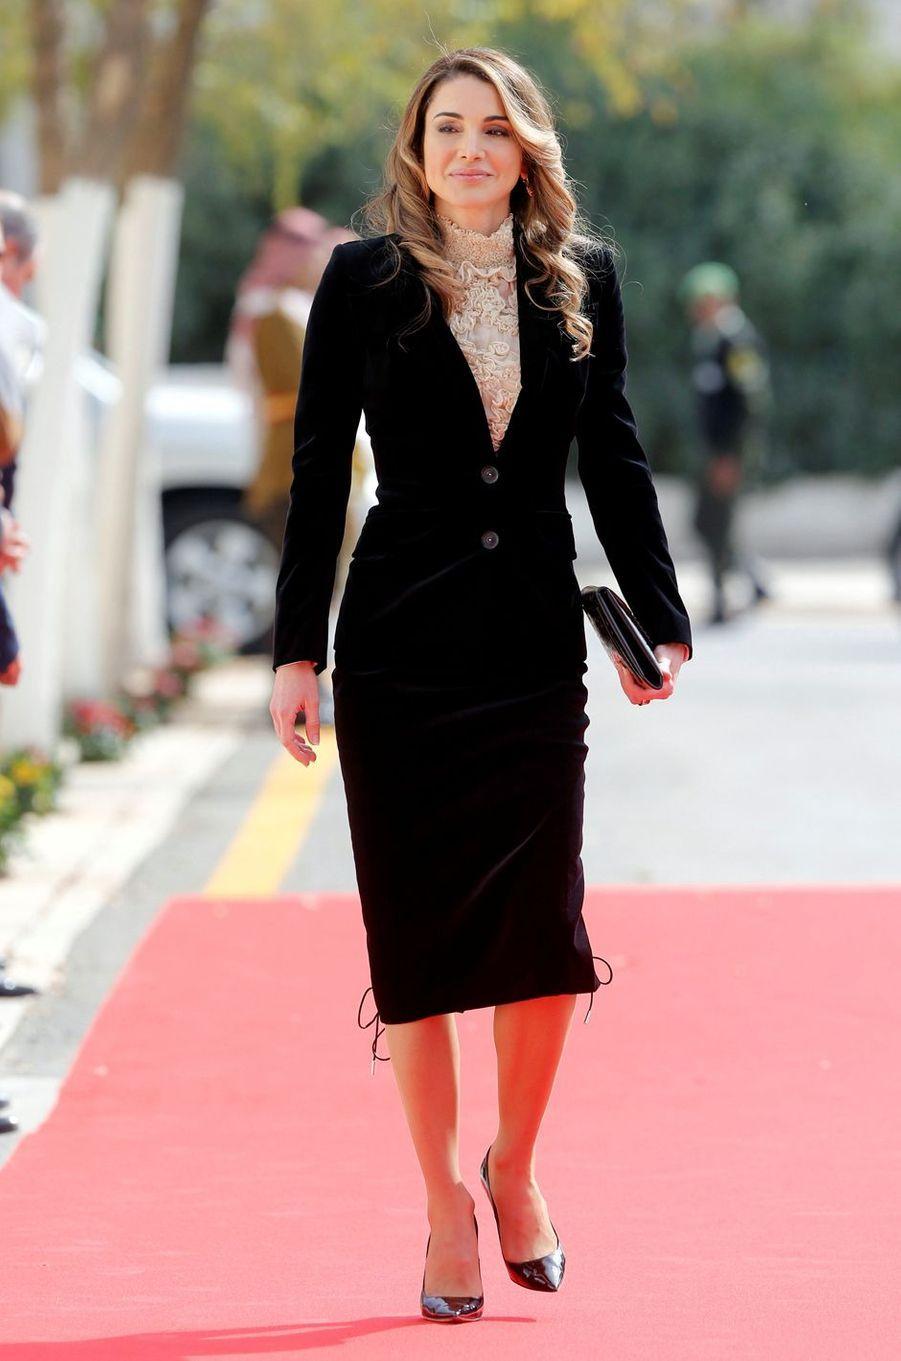 Robe blanche pour recevoir le couple présidentiel polonais ce dimanche 6, tailleur noir lacé pour la rentrée du Parlement ce lundi 7, la reine Rania de Jordanie était, comme de coutume, fort stylée en ce début novembre.